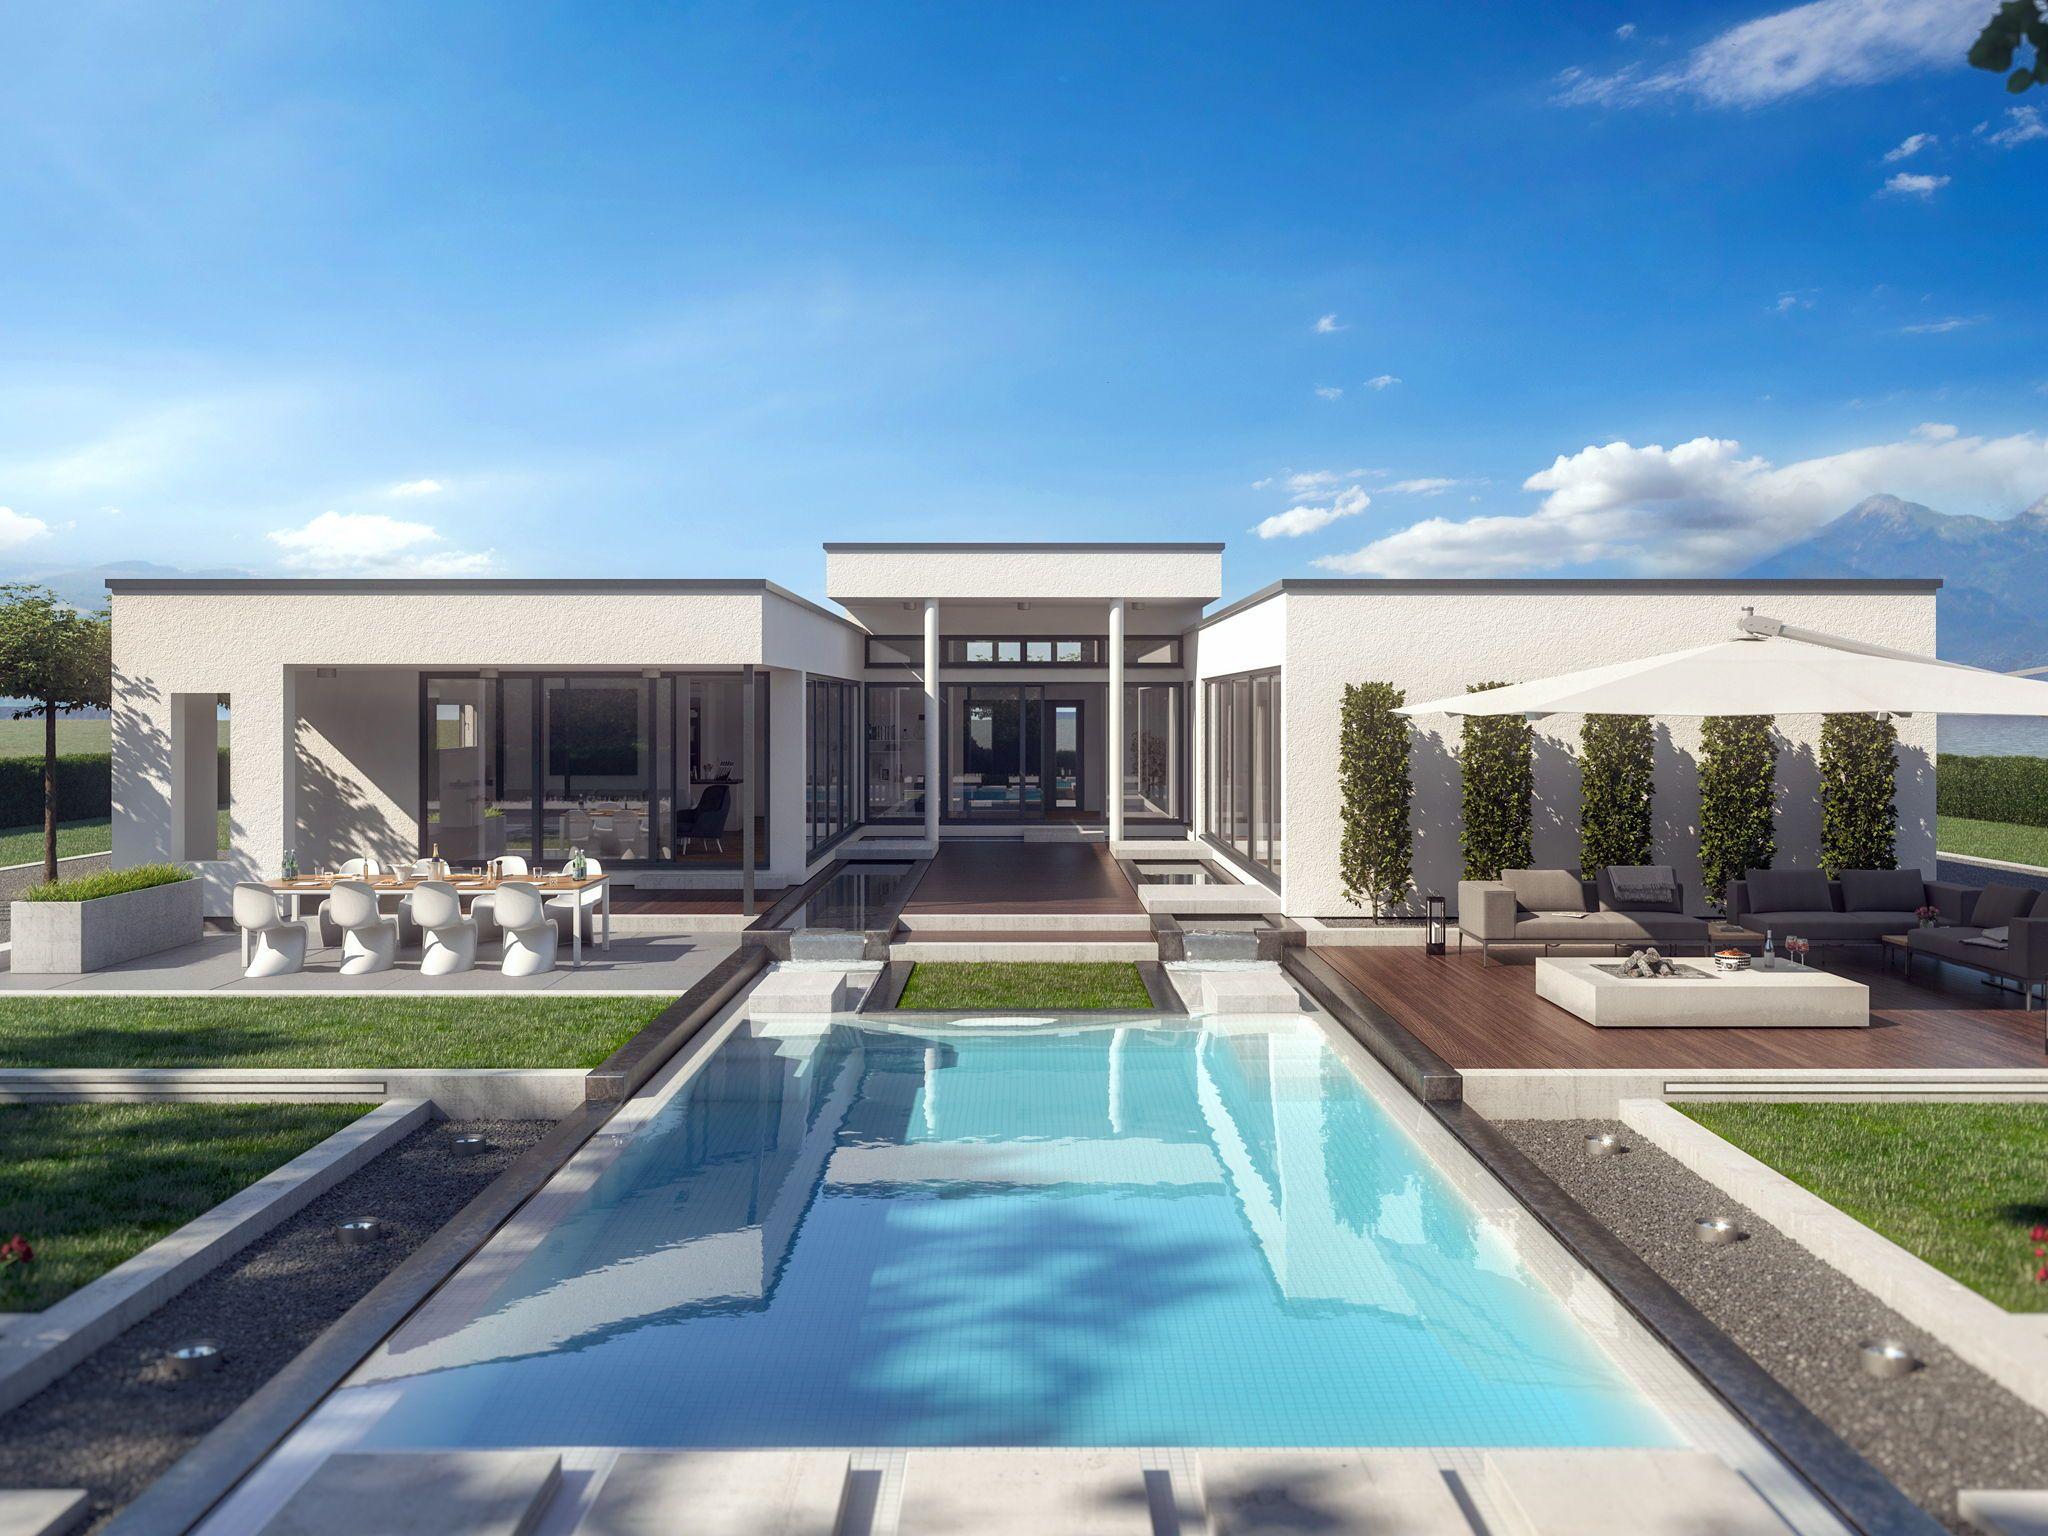 Bungalow Haus modern mit Flachdach Architektur & Innenhof